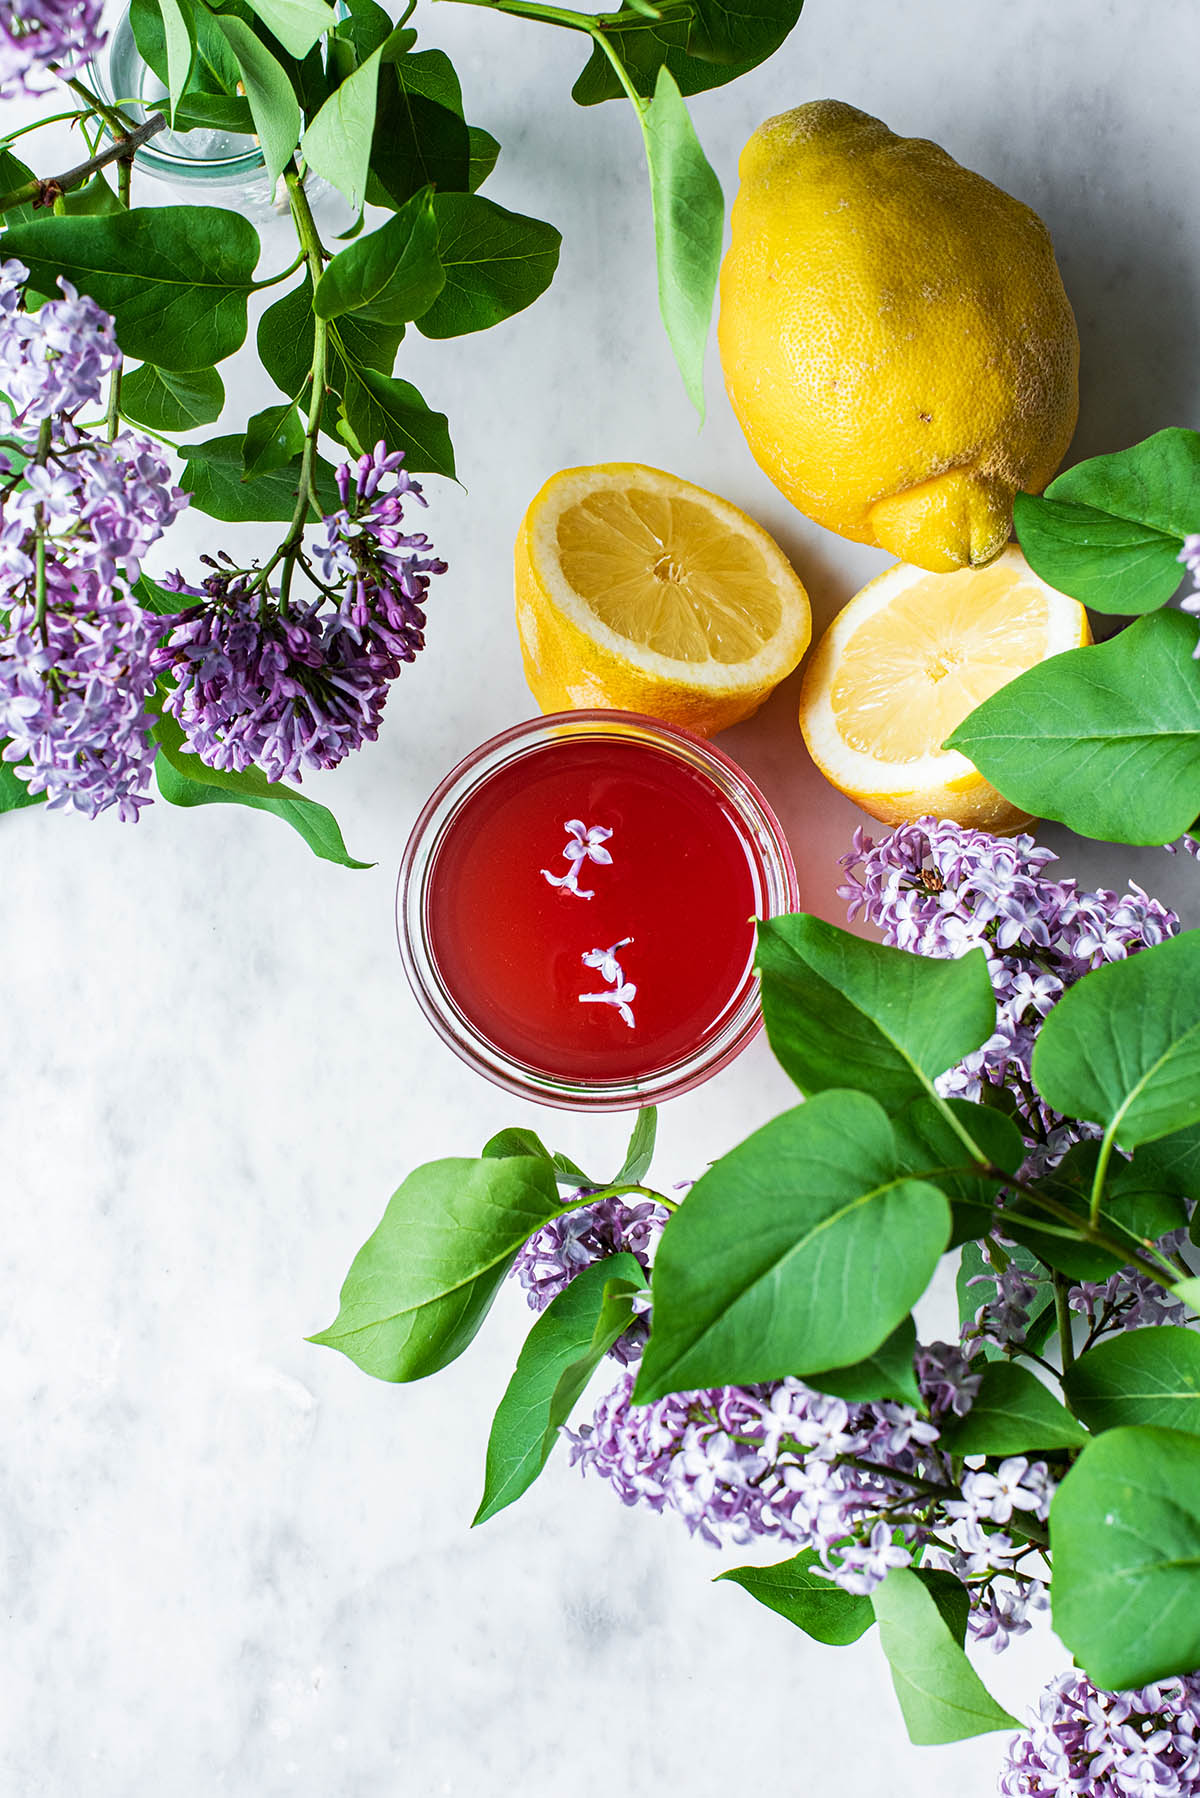 Lilac Lemonade ingredients.